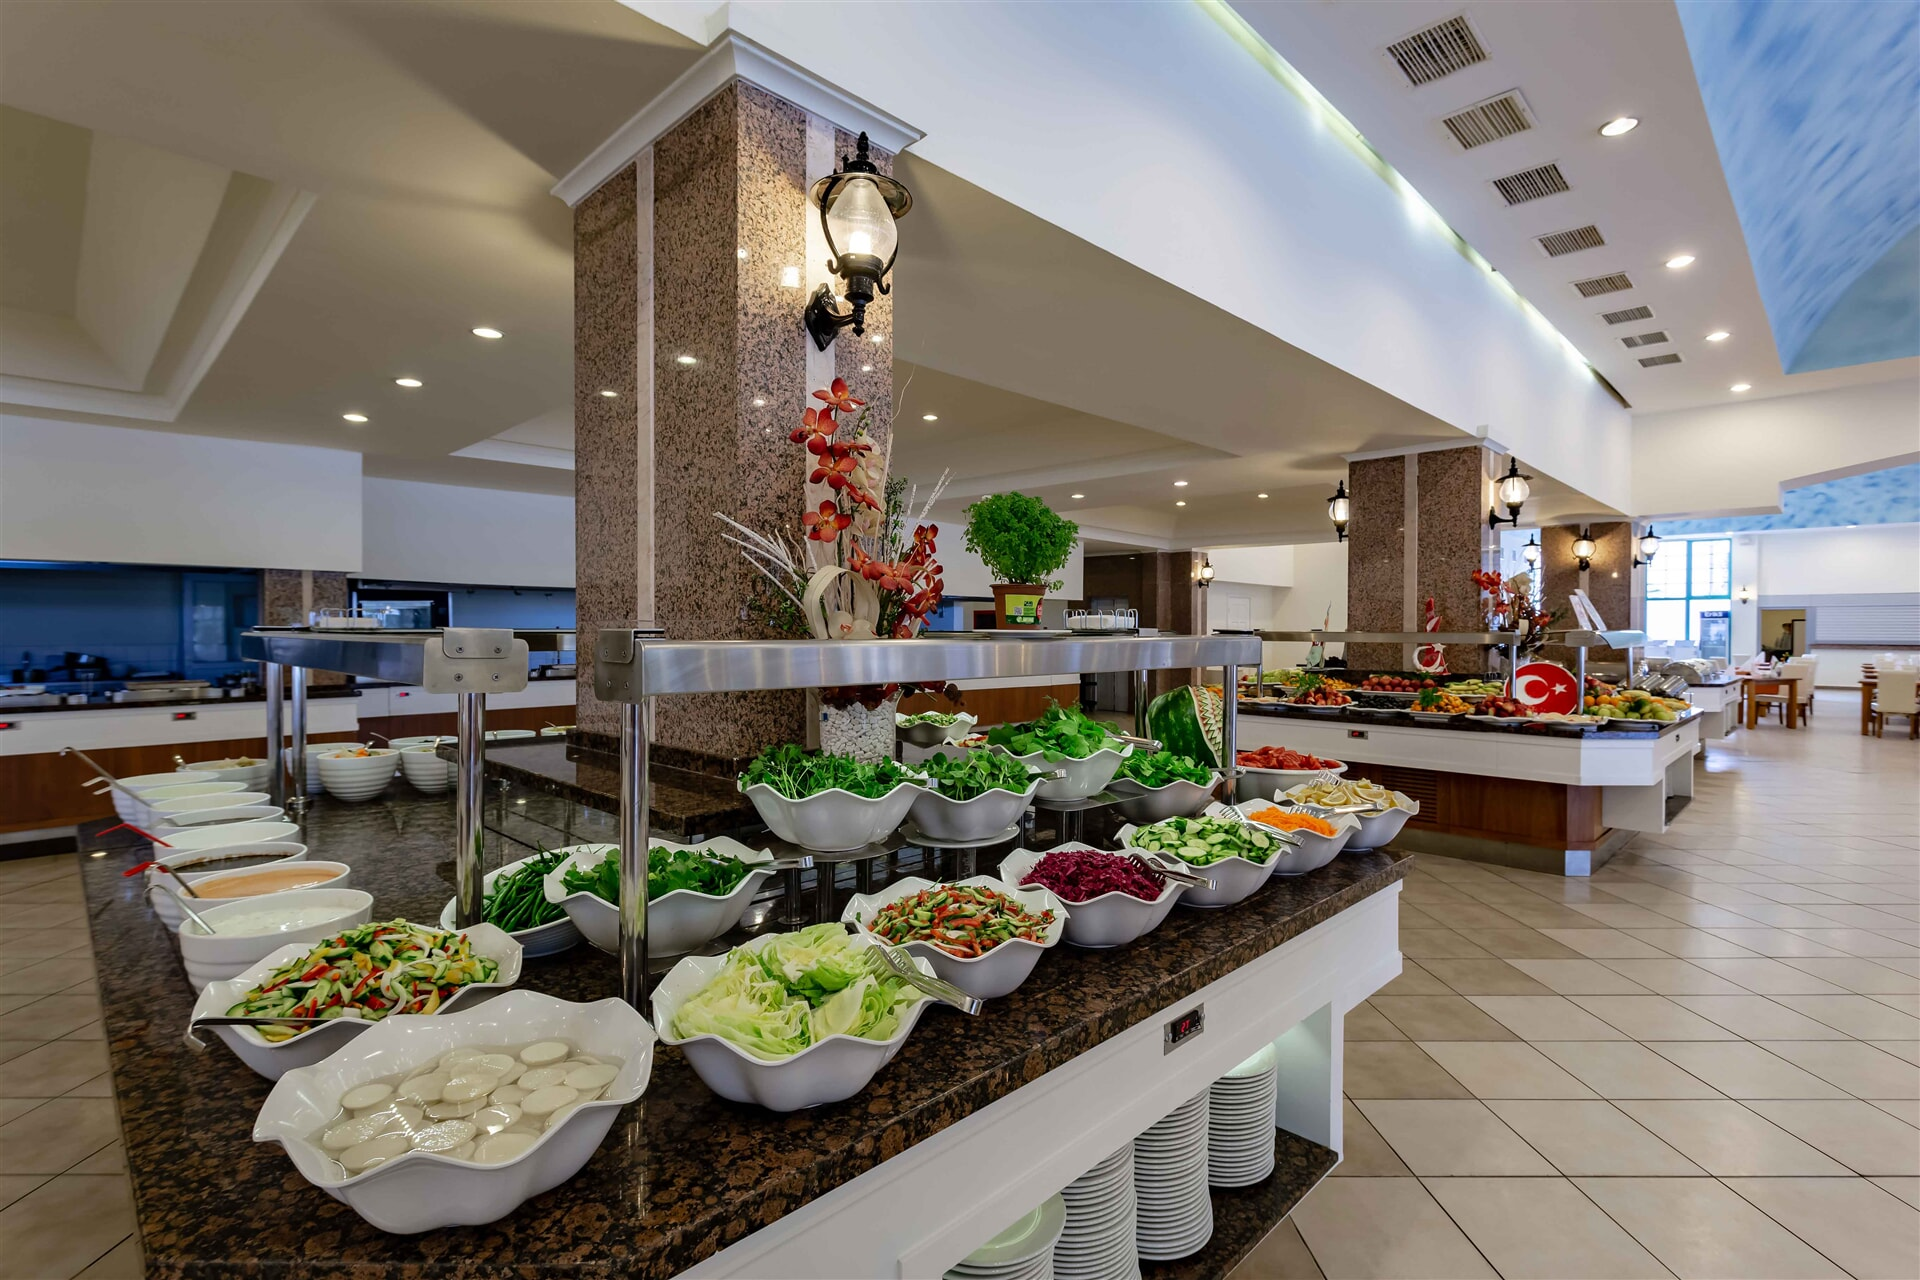 Begleitet von einer romantischen Aussicht wird es Ihre Abende mit der saisonalen Speisekarte mit Fisch und Meeresfrüchten beleben.